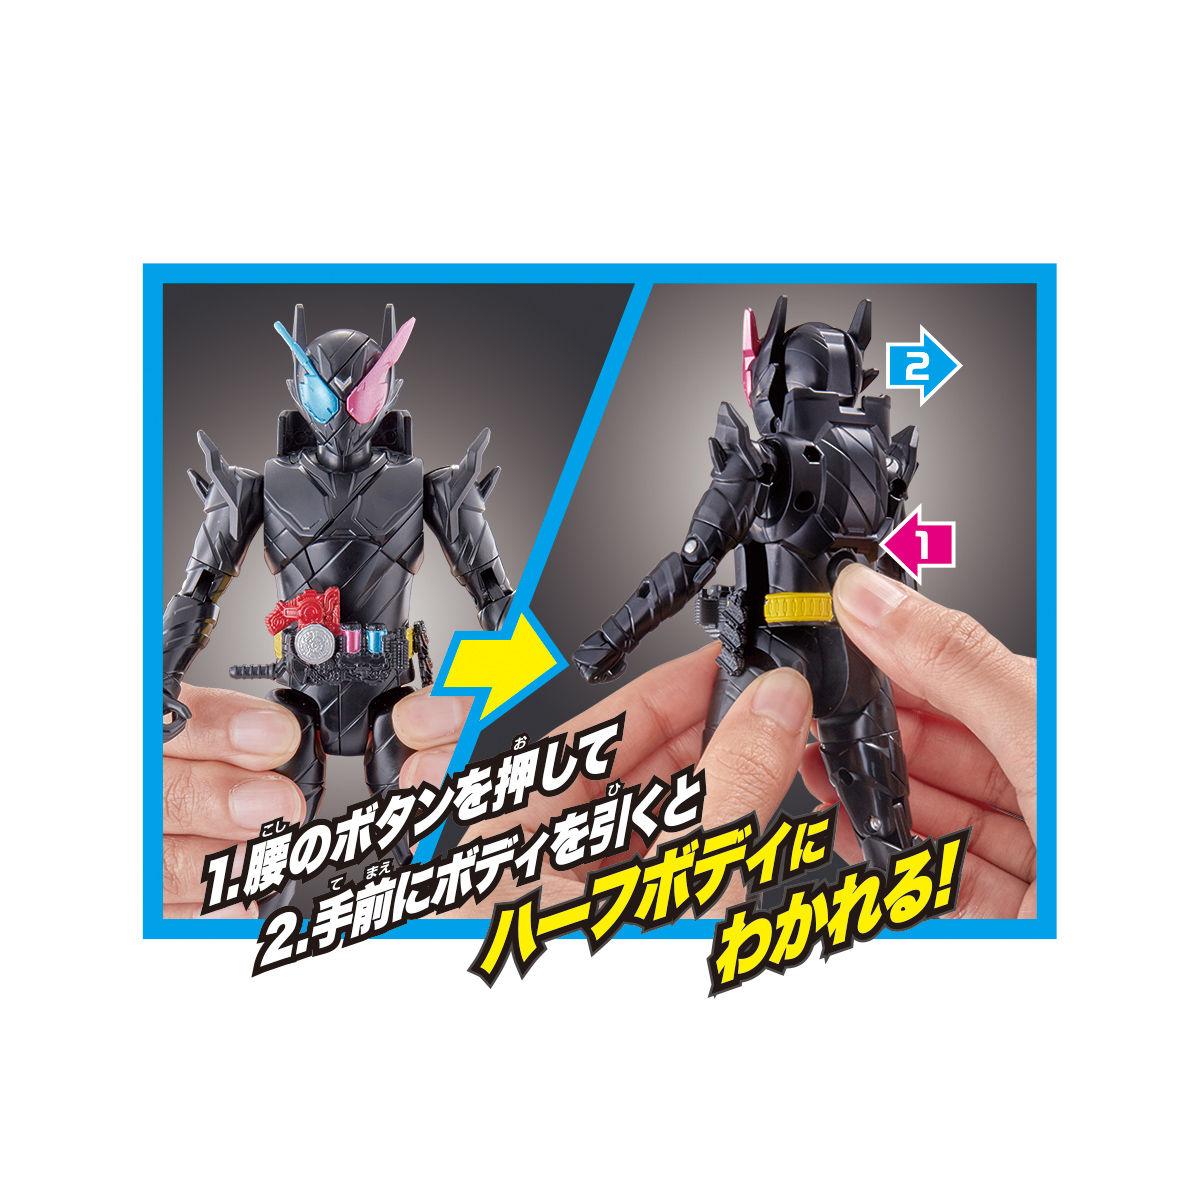 ボトルチェンジライダーシリーズ 12仮面ライダービルド ラビットタンクハザードフォーム&ラビットラビット・タンクタンクアーマーセット